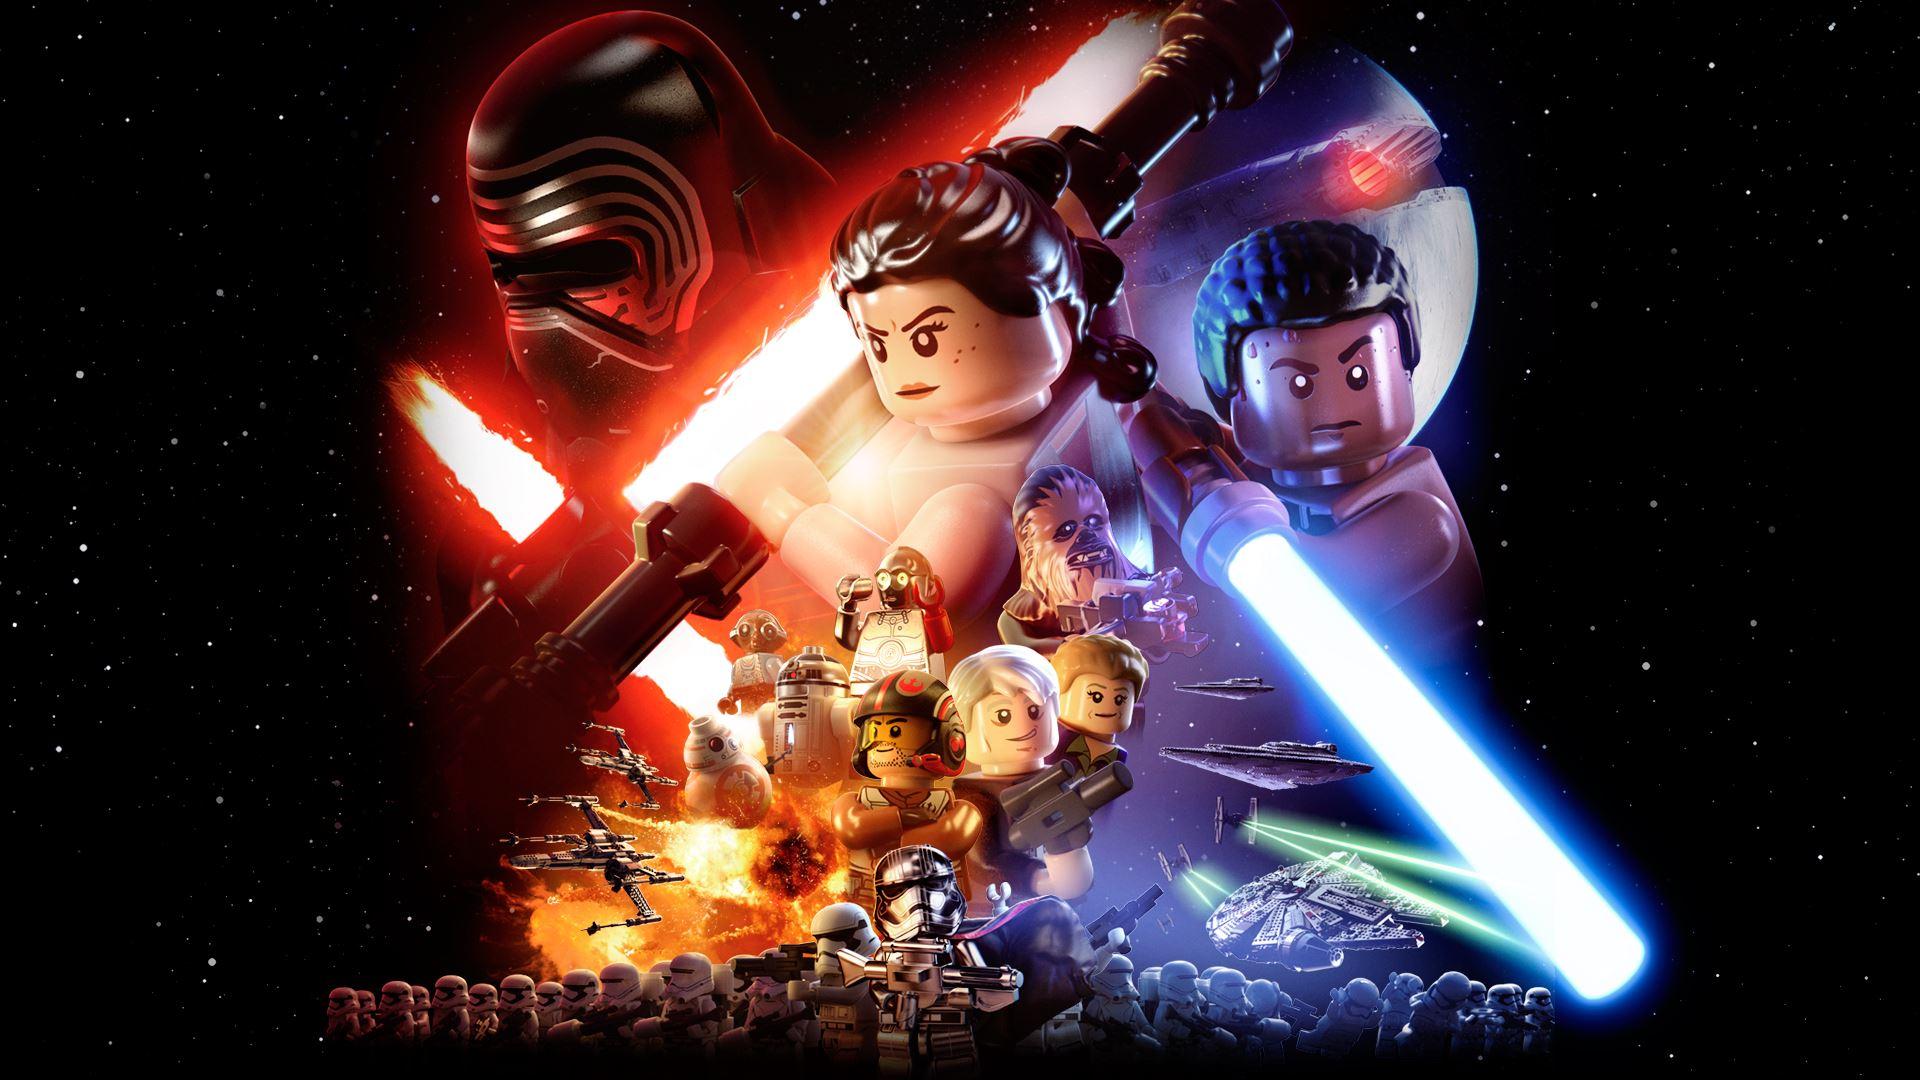 LEGO Star Wars : Le réveil de la force, Kylo Ren en vidéo